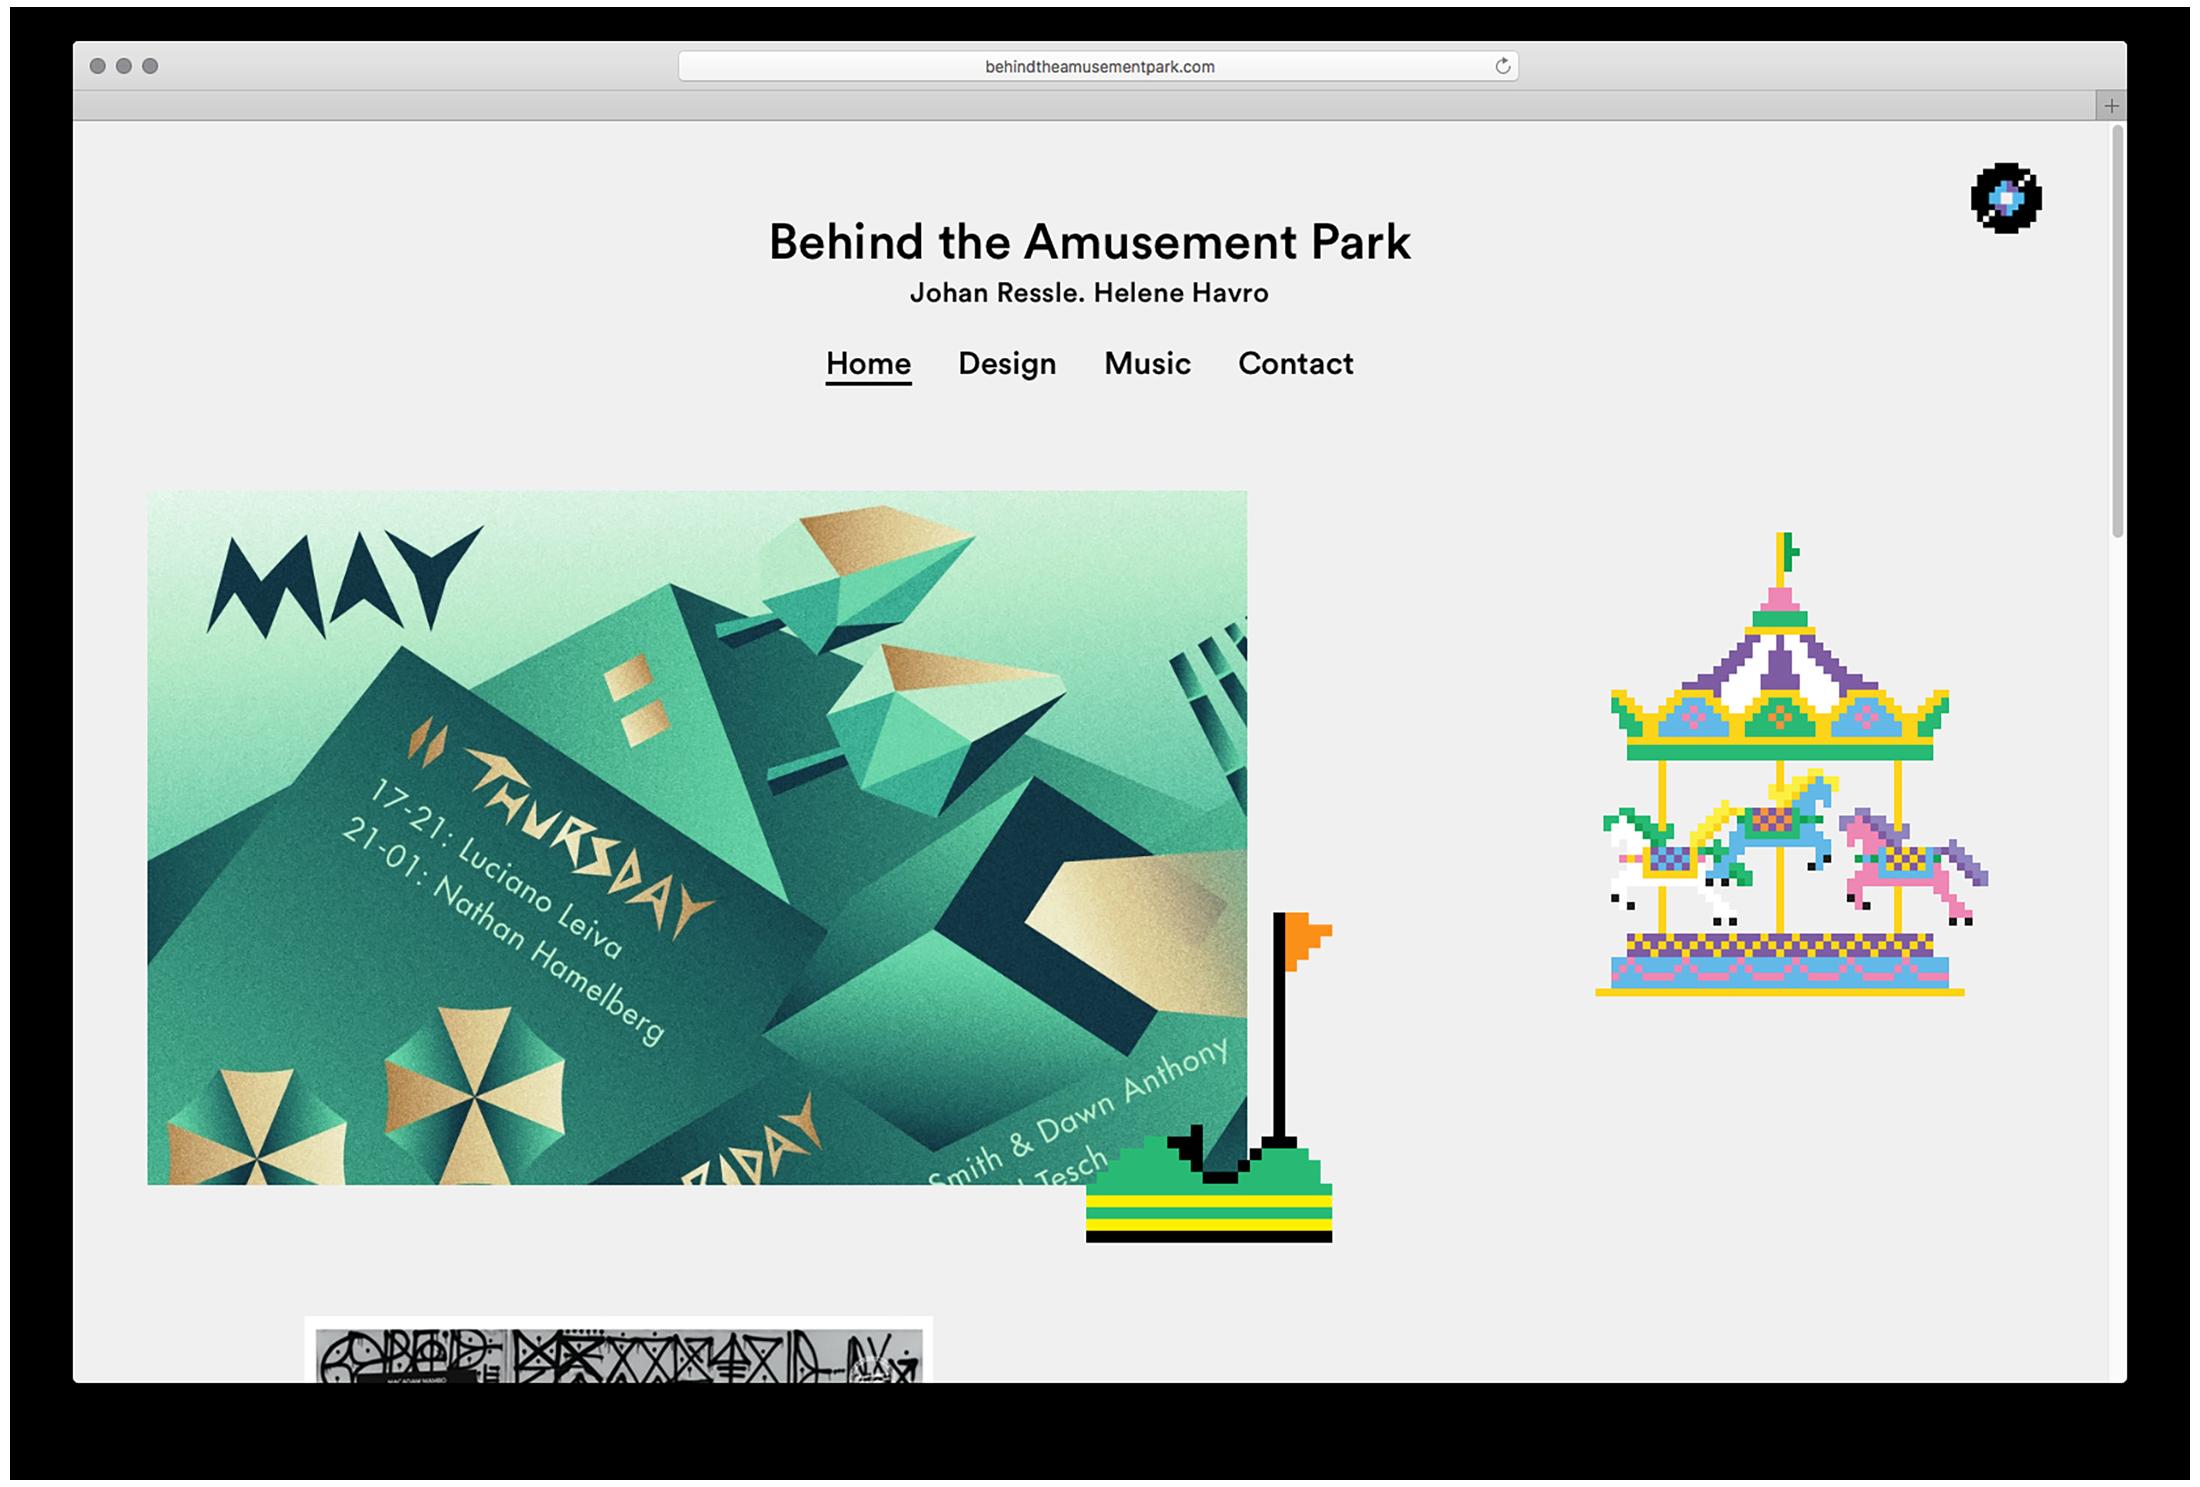 Behind the Amusement Park — Behind the Amusement Park